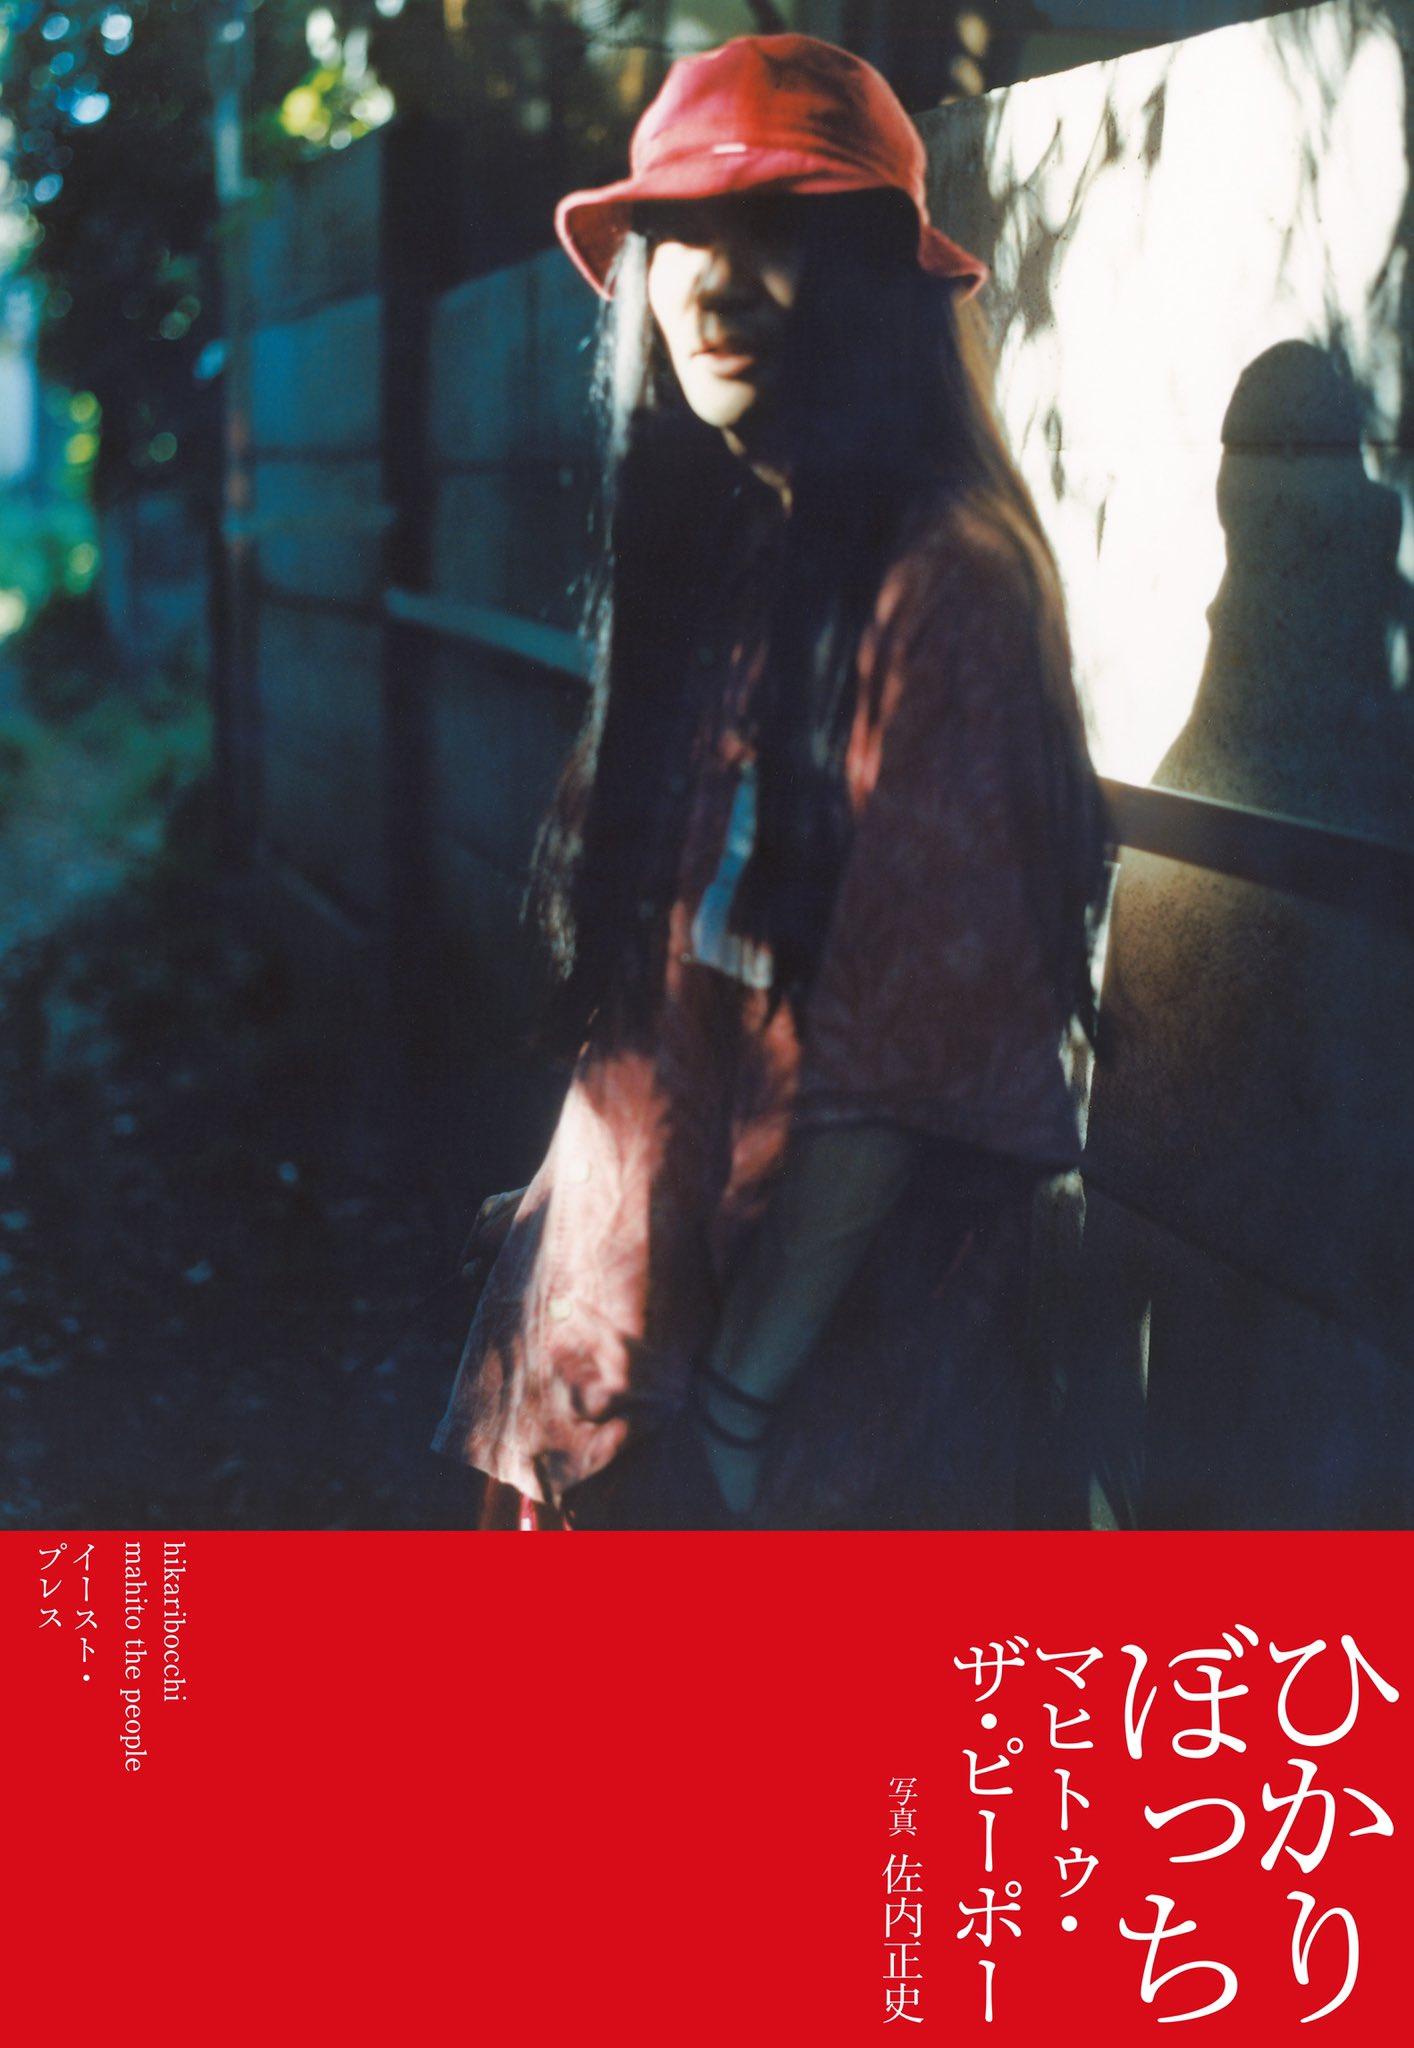 マヒトゥ・ザ・ピーポー、初エッセイ集「ひかりぼっち」発売決定